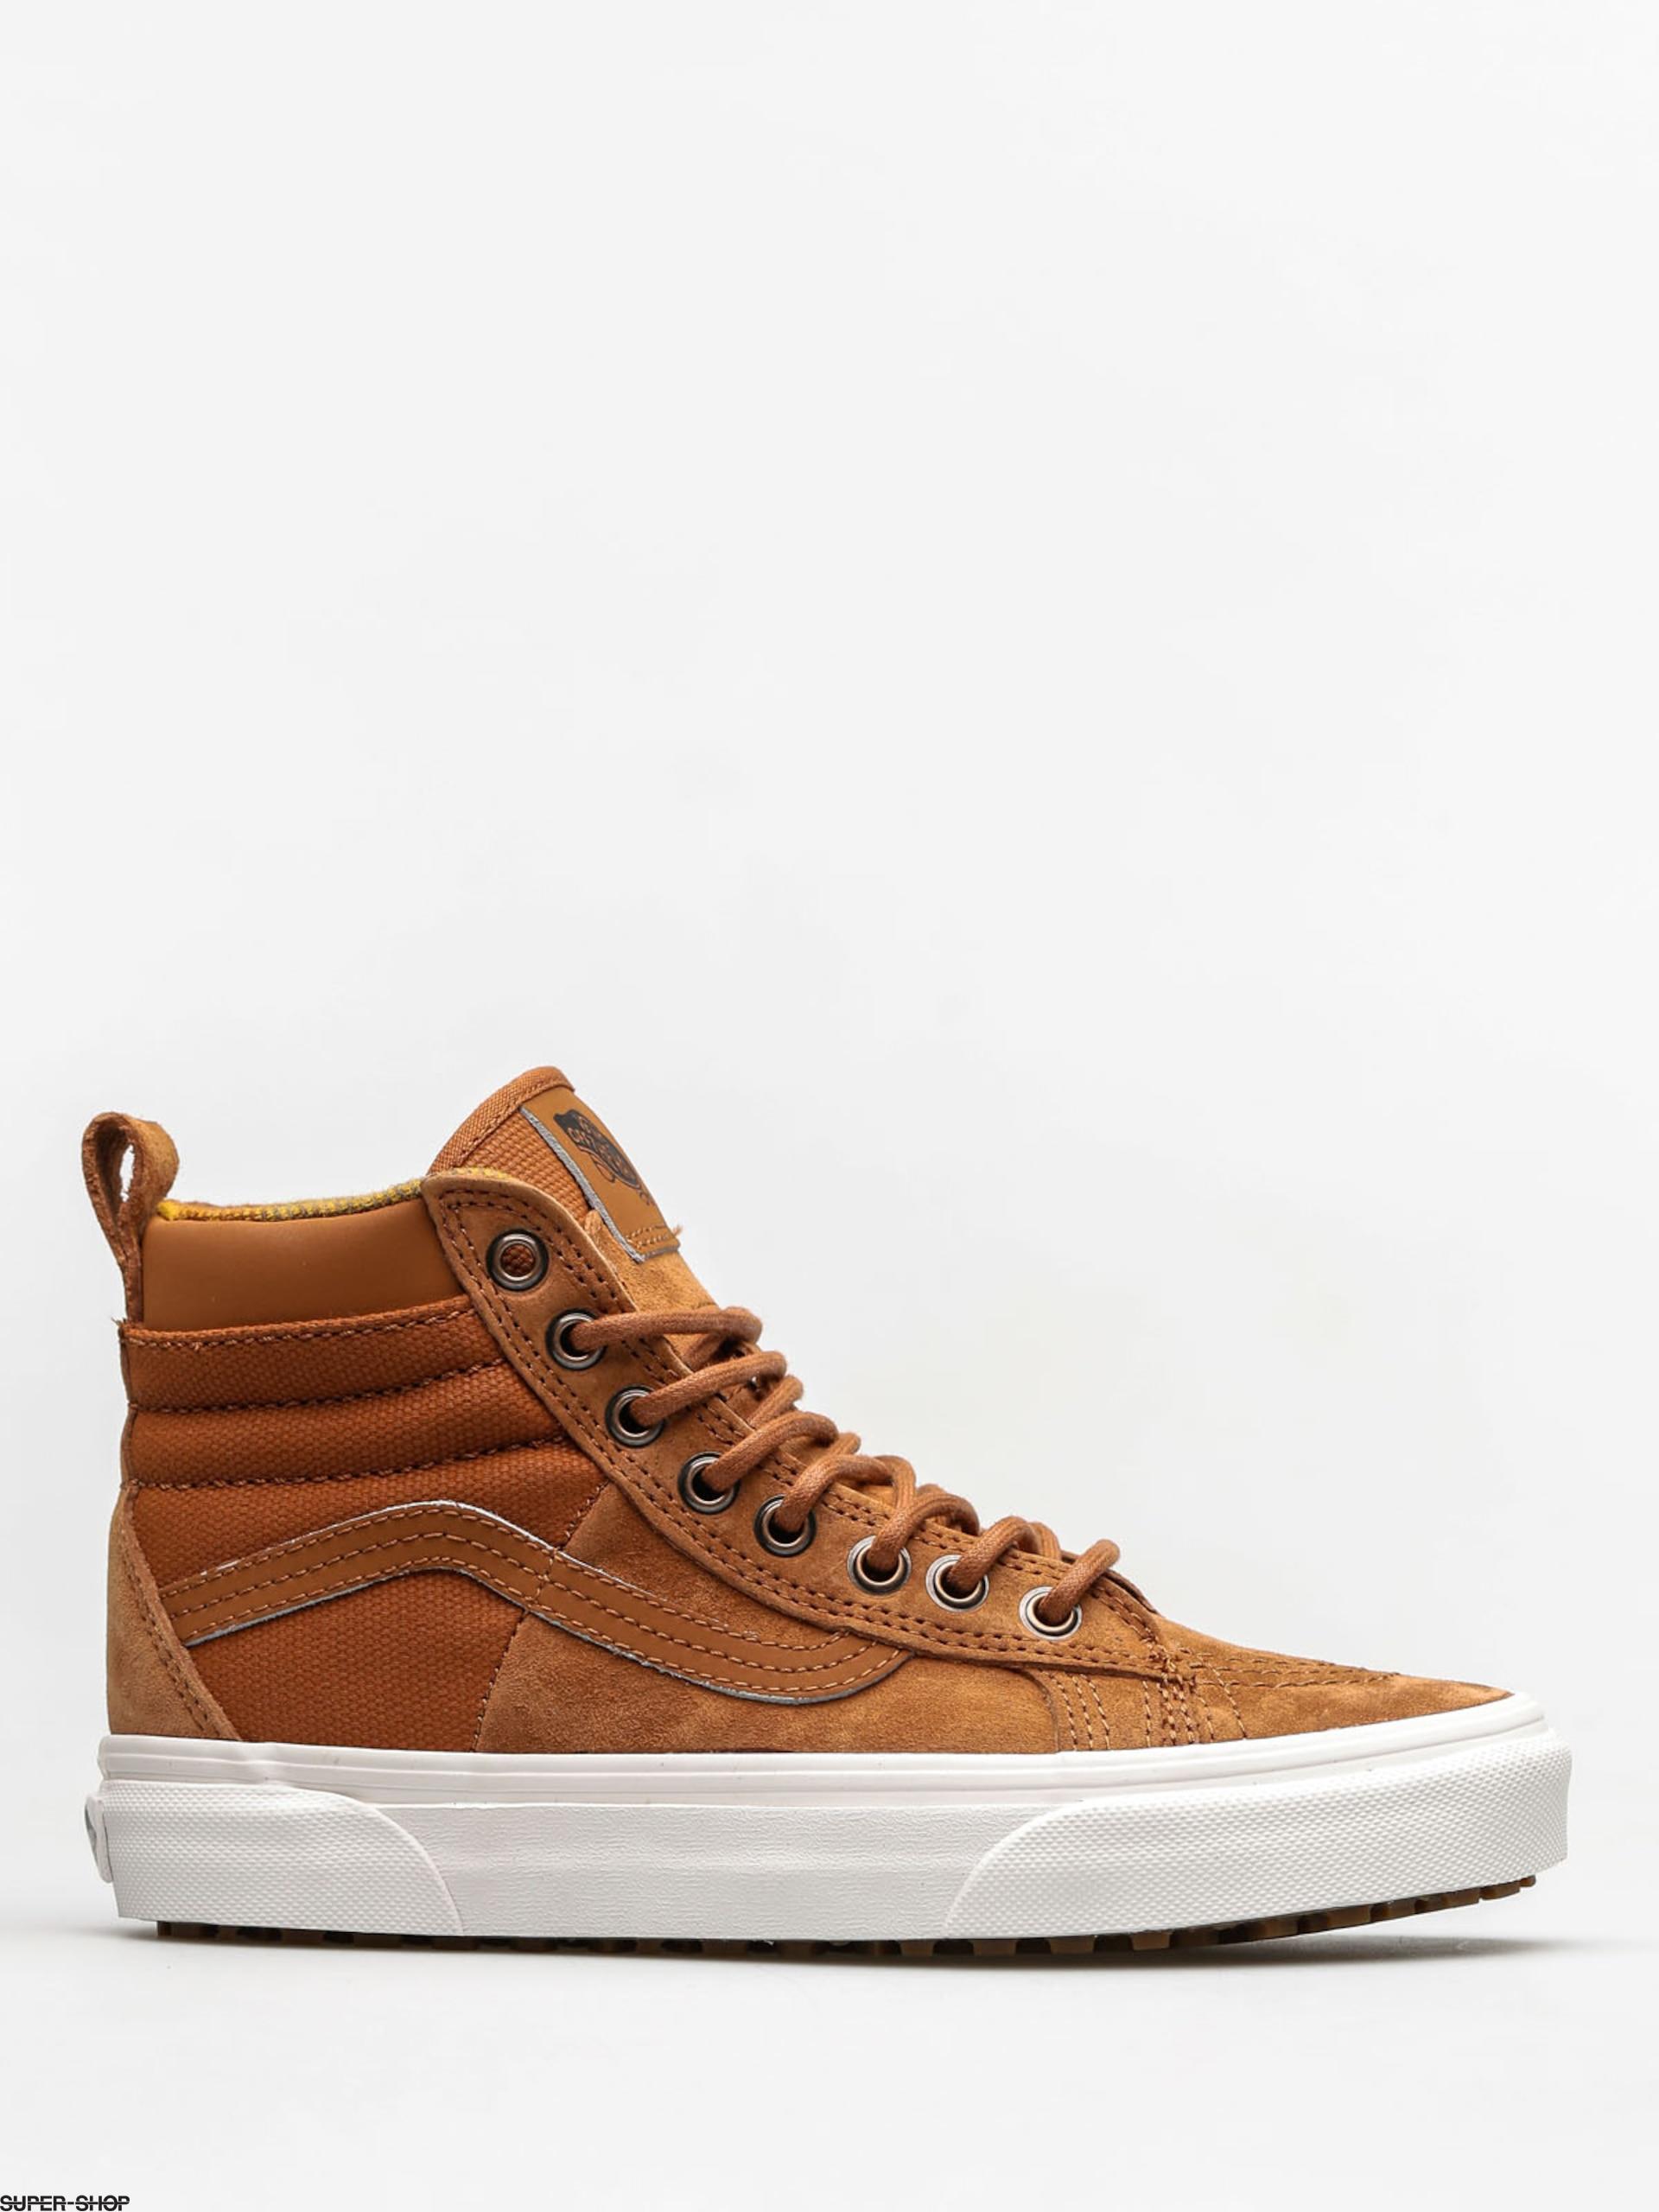 1bc31e97ff8d9 Vans Shoes Sk8 Hi 46 Mte Dx (glazed ginger flannel)